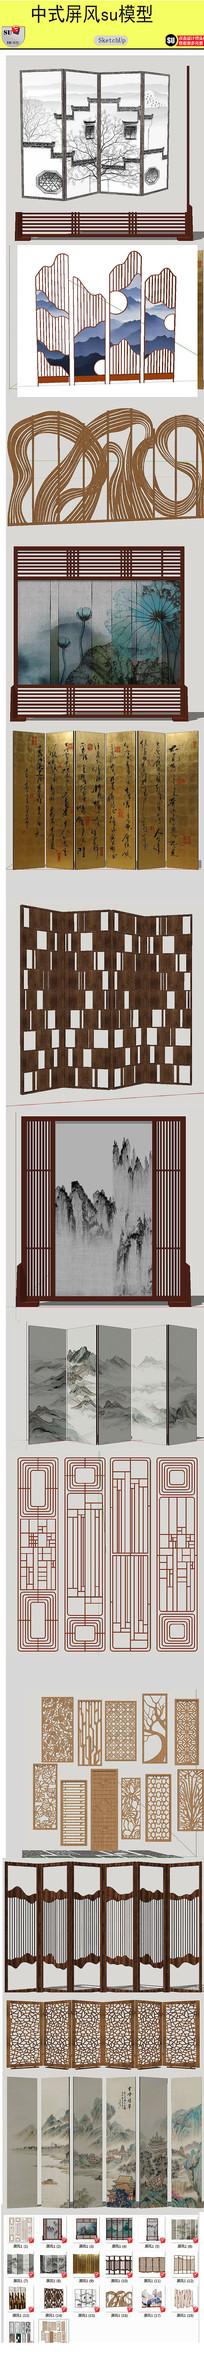 新中式屏风隔断模型